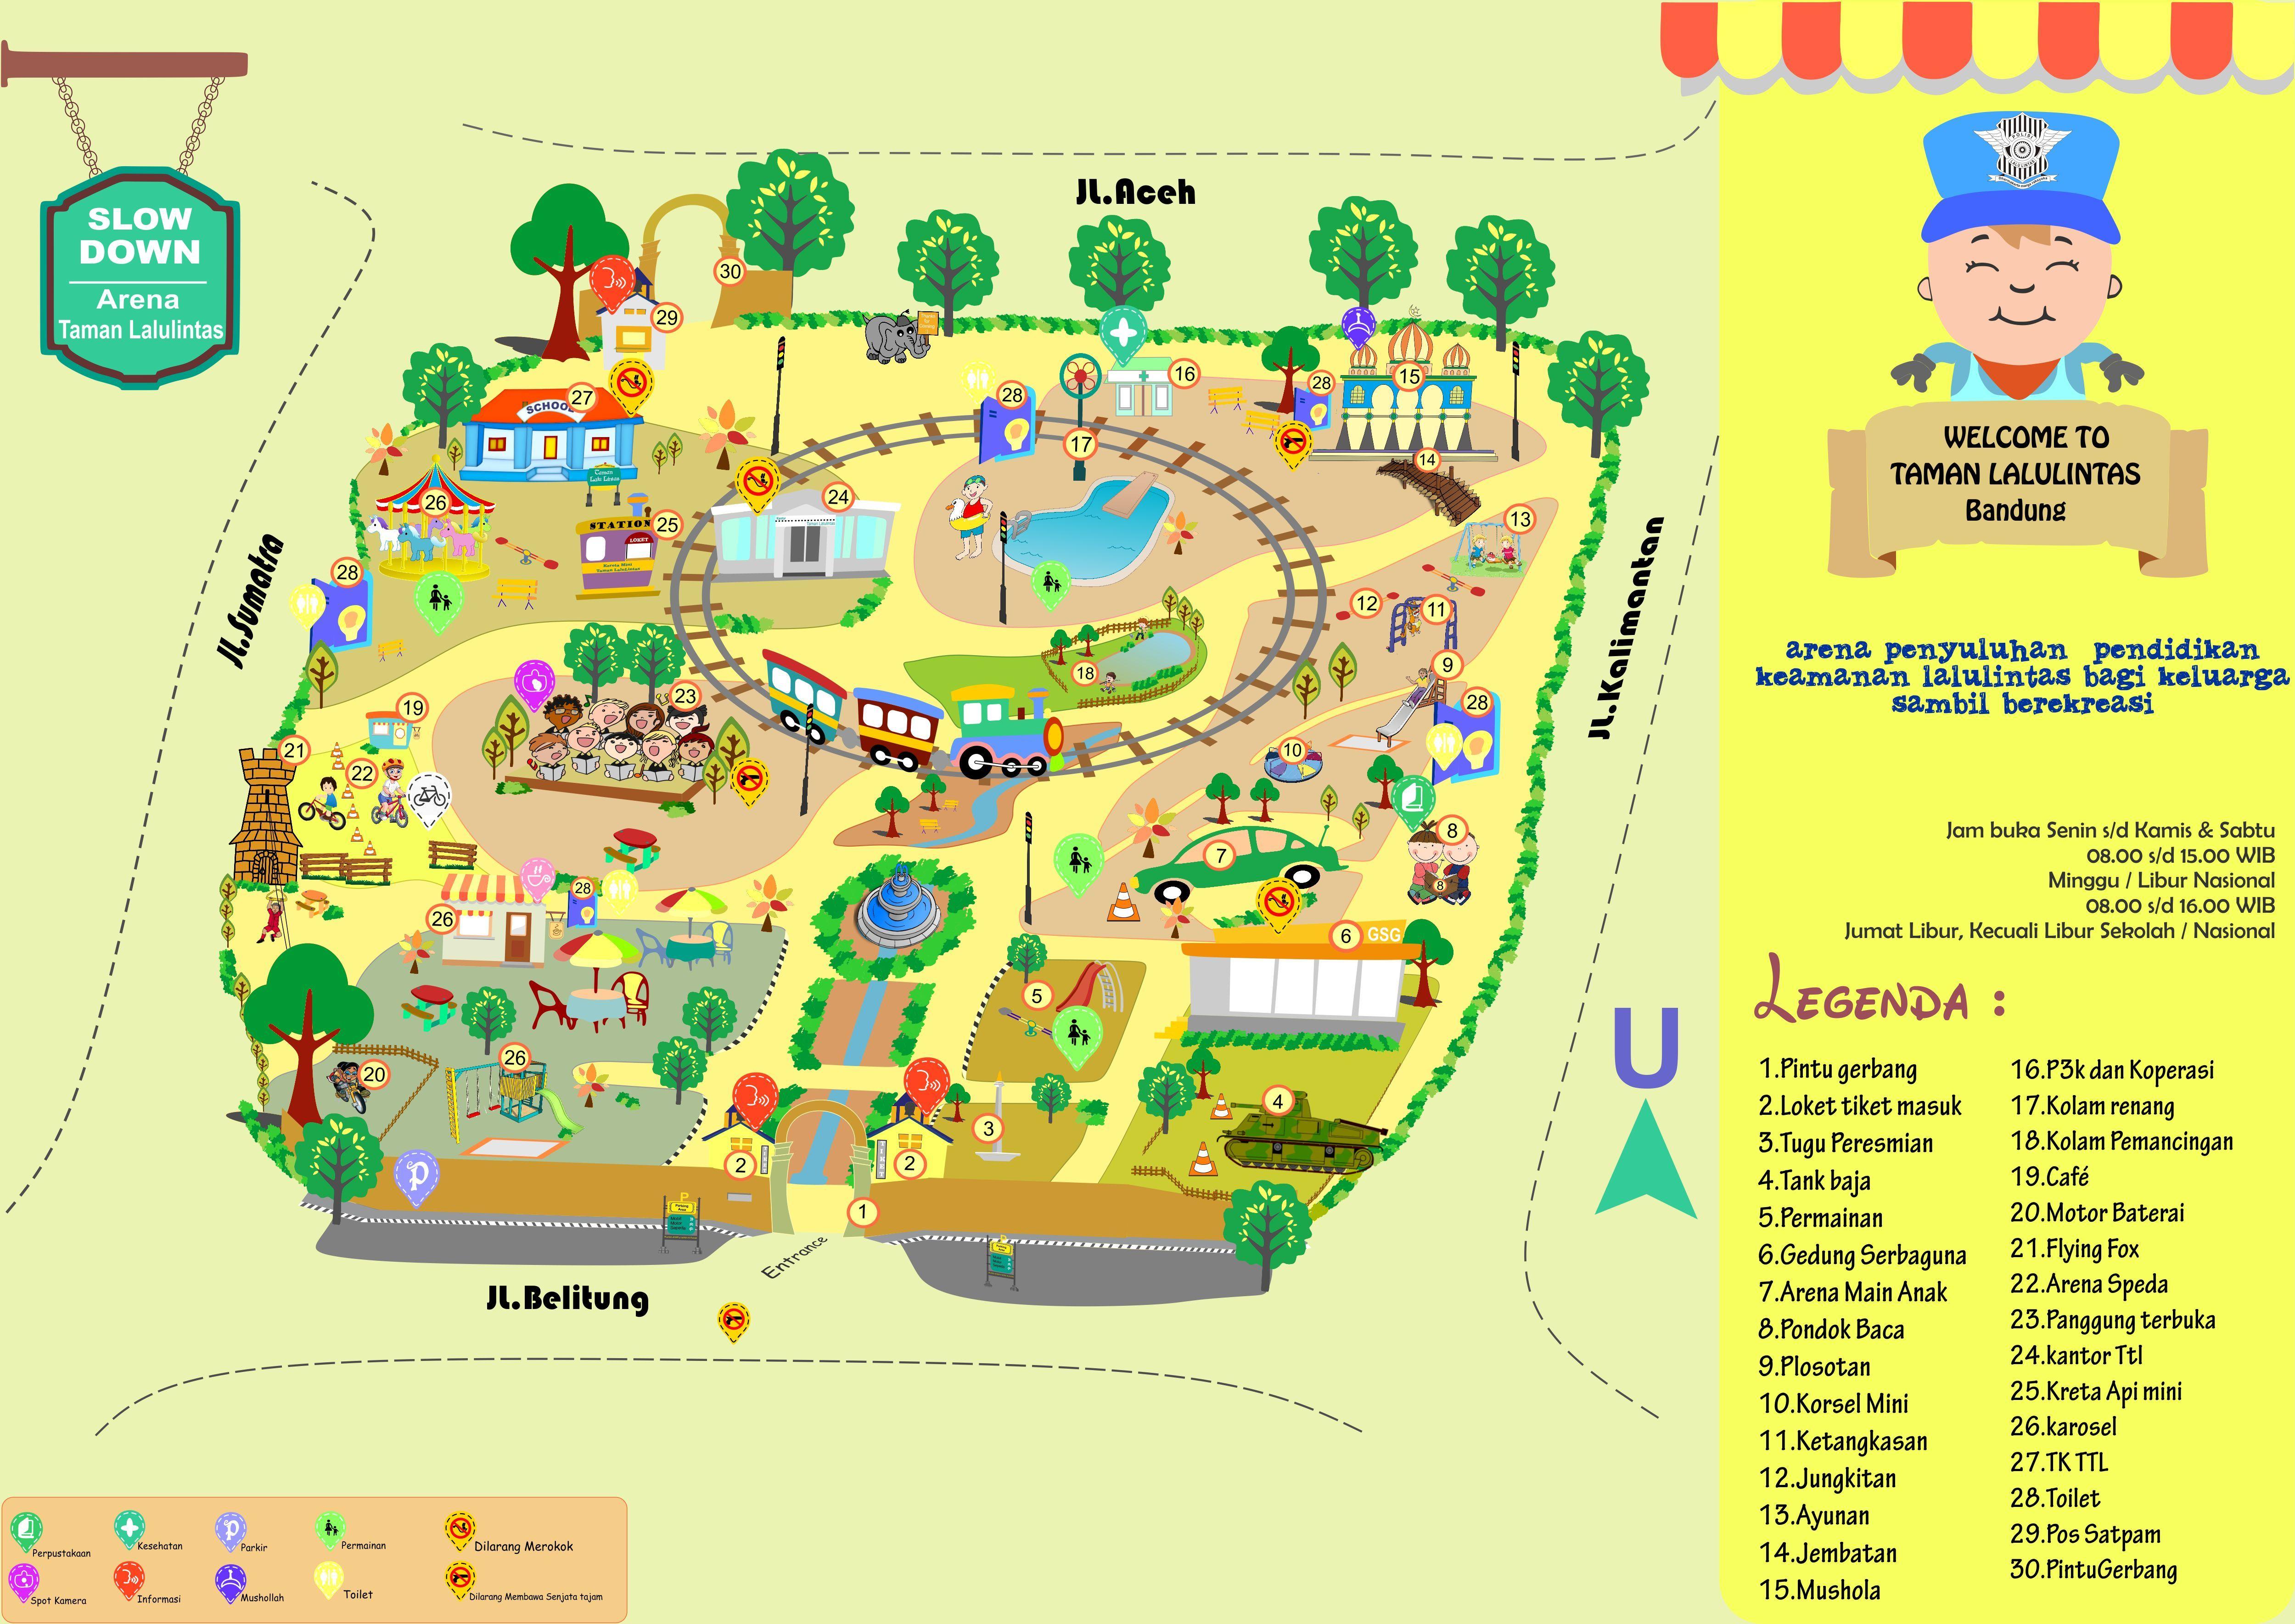 maps for Taman Lalu Lintas Bandung taskproject locker karyaku